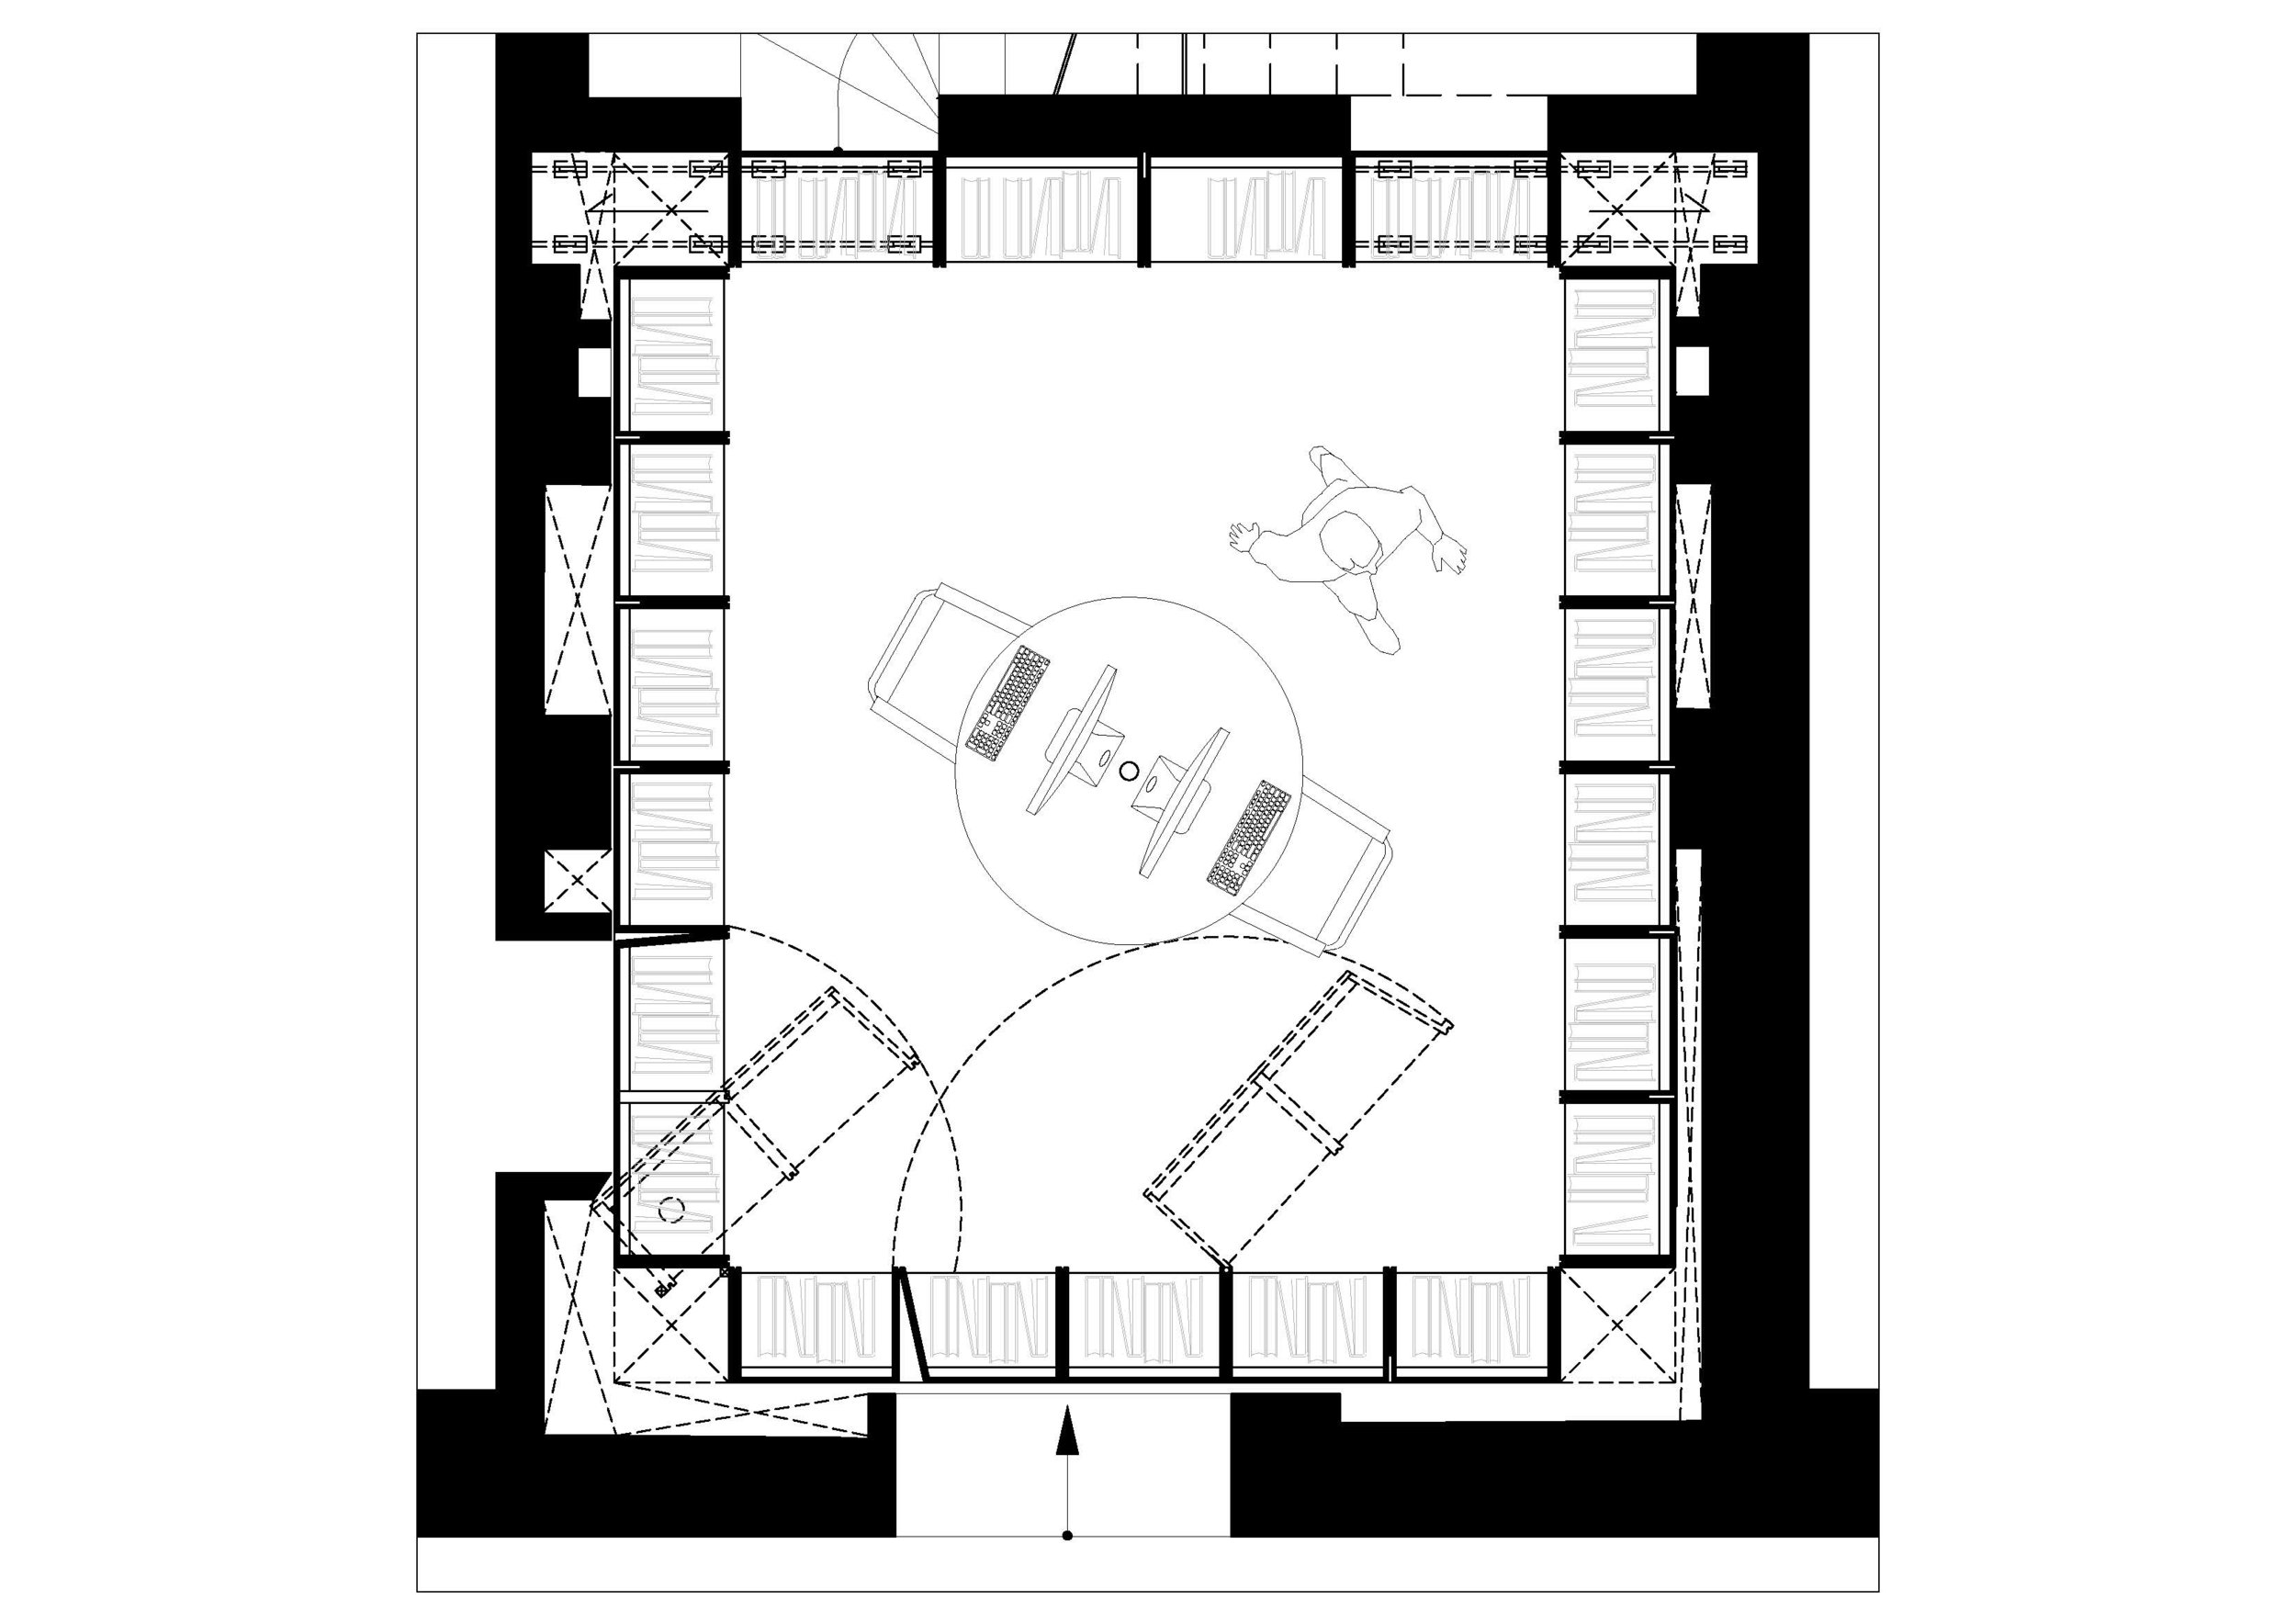 Barn_floor plan_library CLOSED.jpg